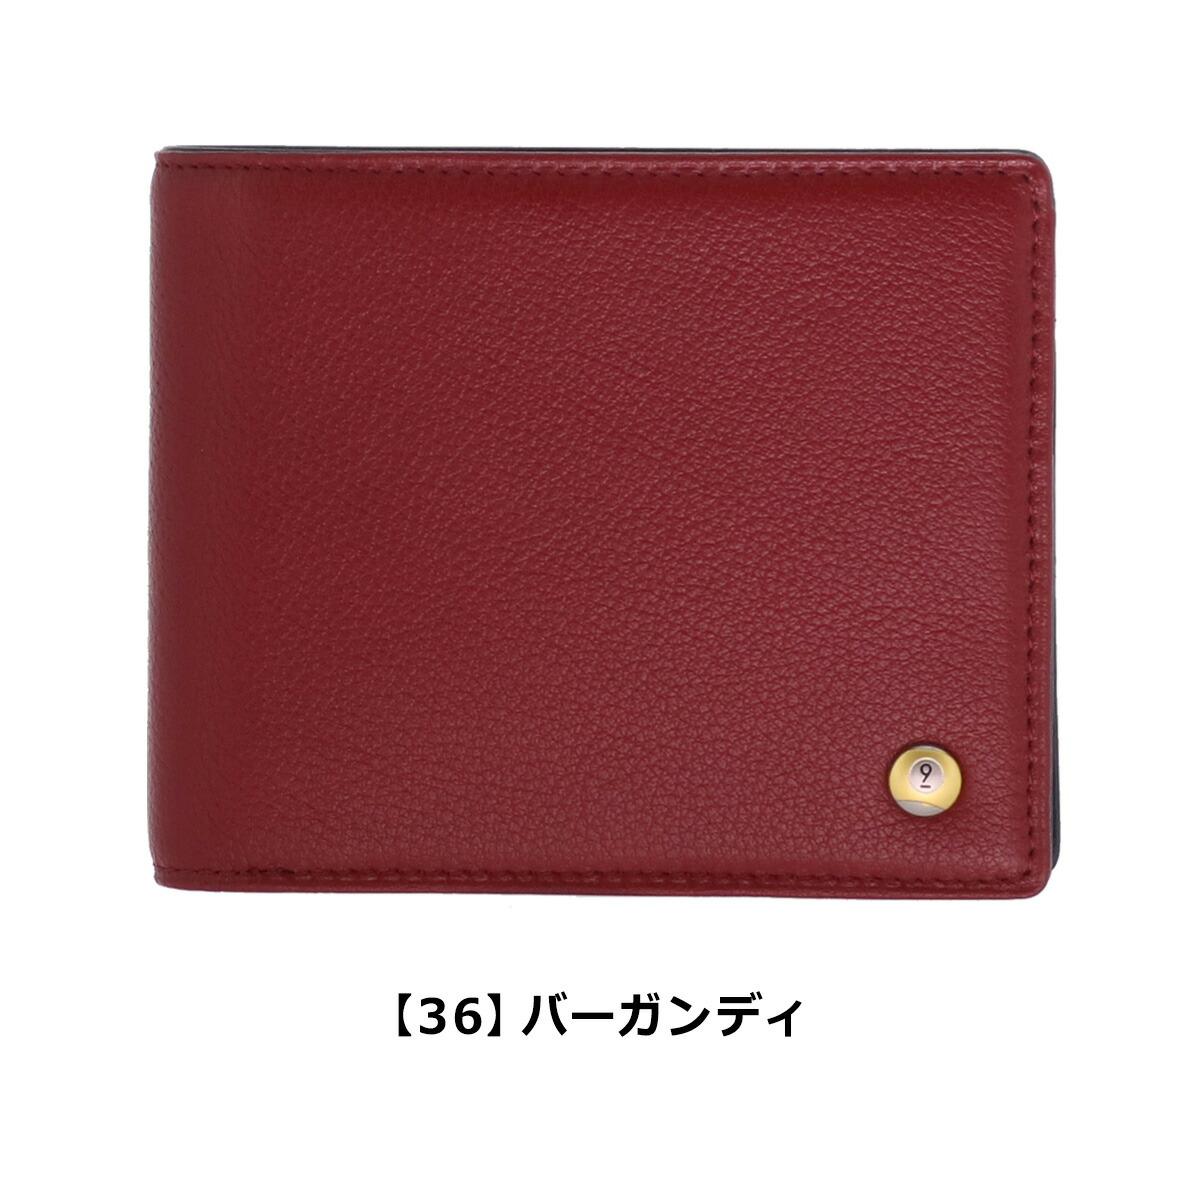 【36】バーガンディ